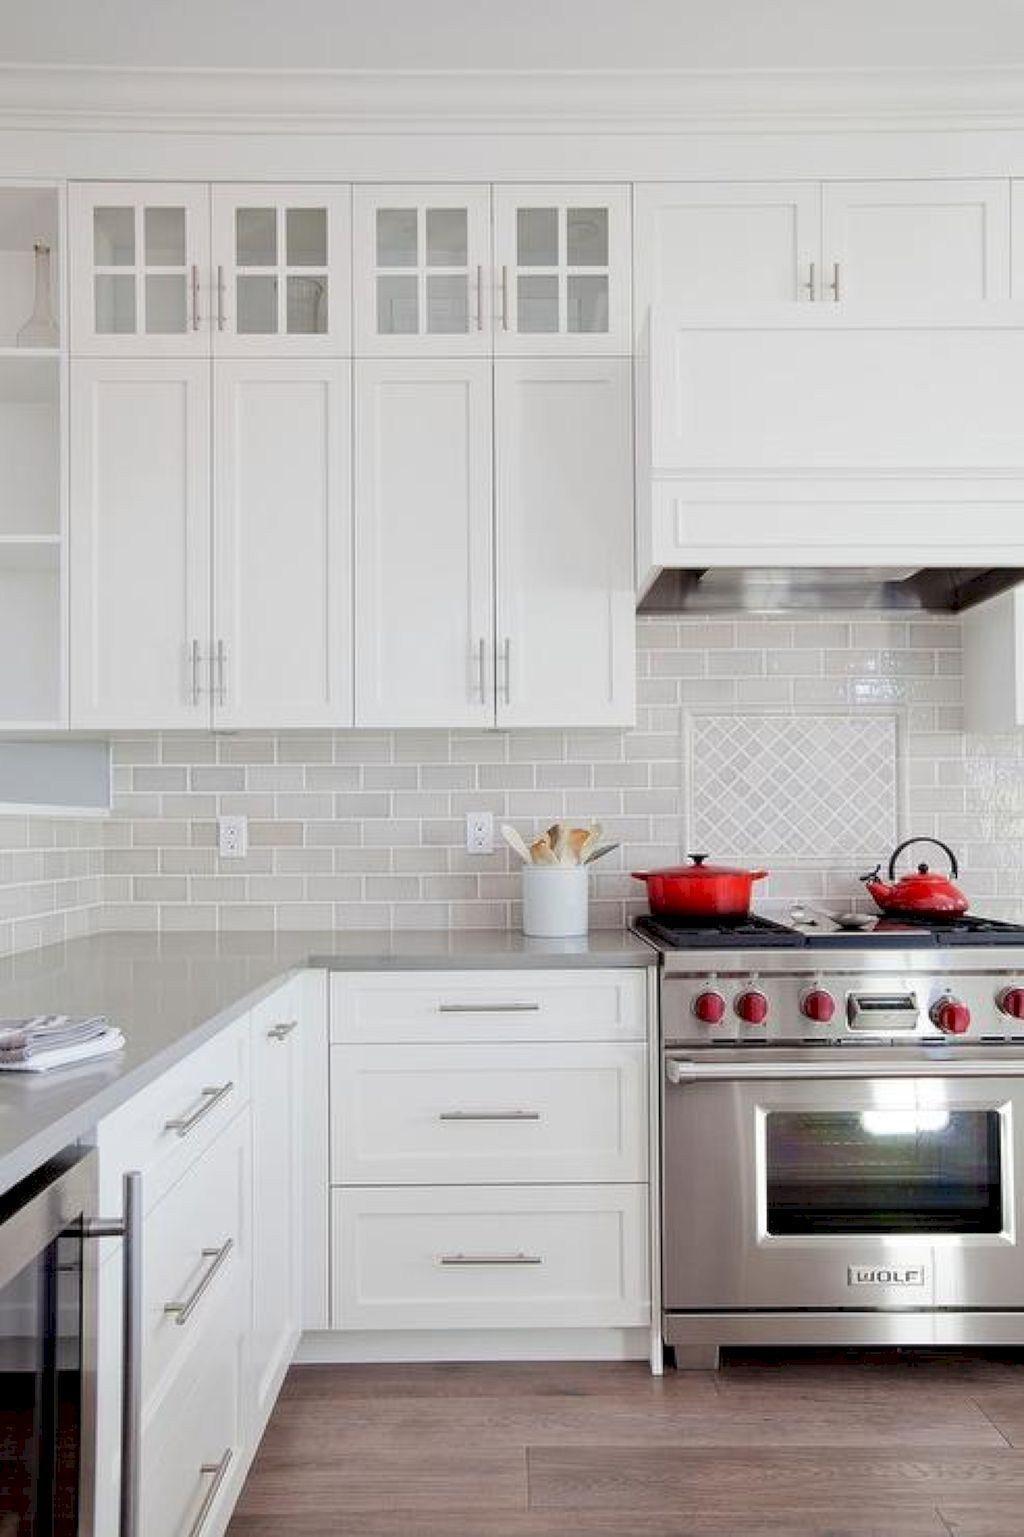 Stunning Gray Farmhouse Kitchen Cabinet Makeover Ideas 07 99bestdecor Kitchen Renovation New Kitchen Cabinets Kitchen Cabinet Design